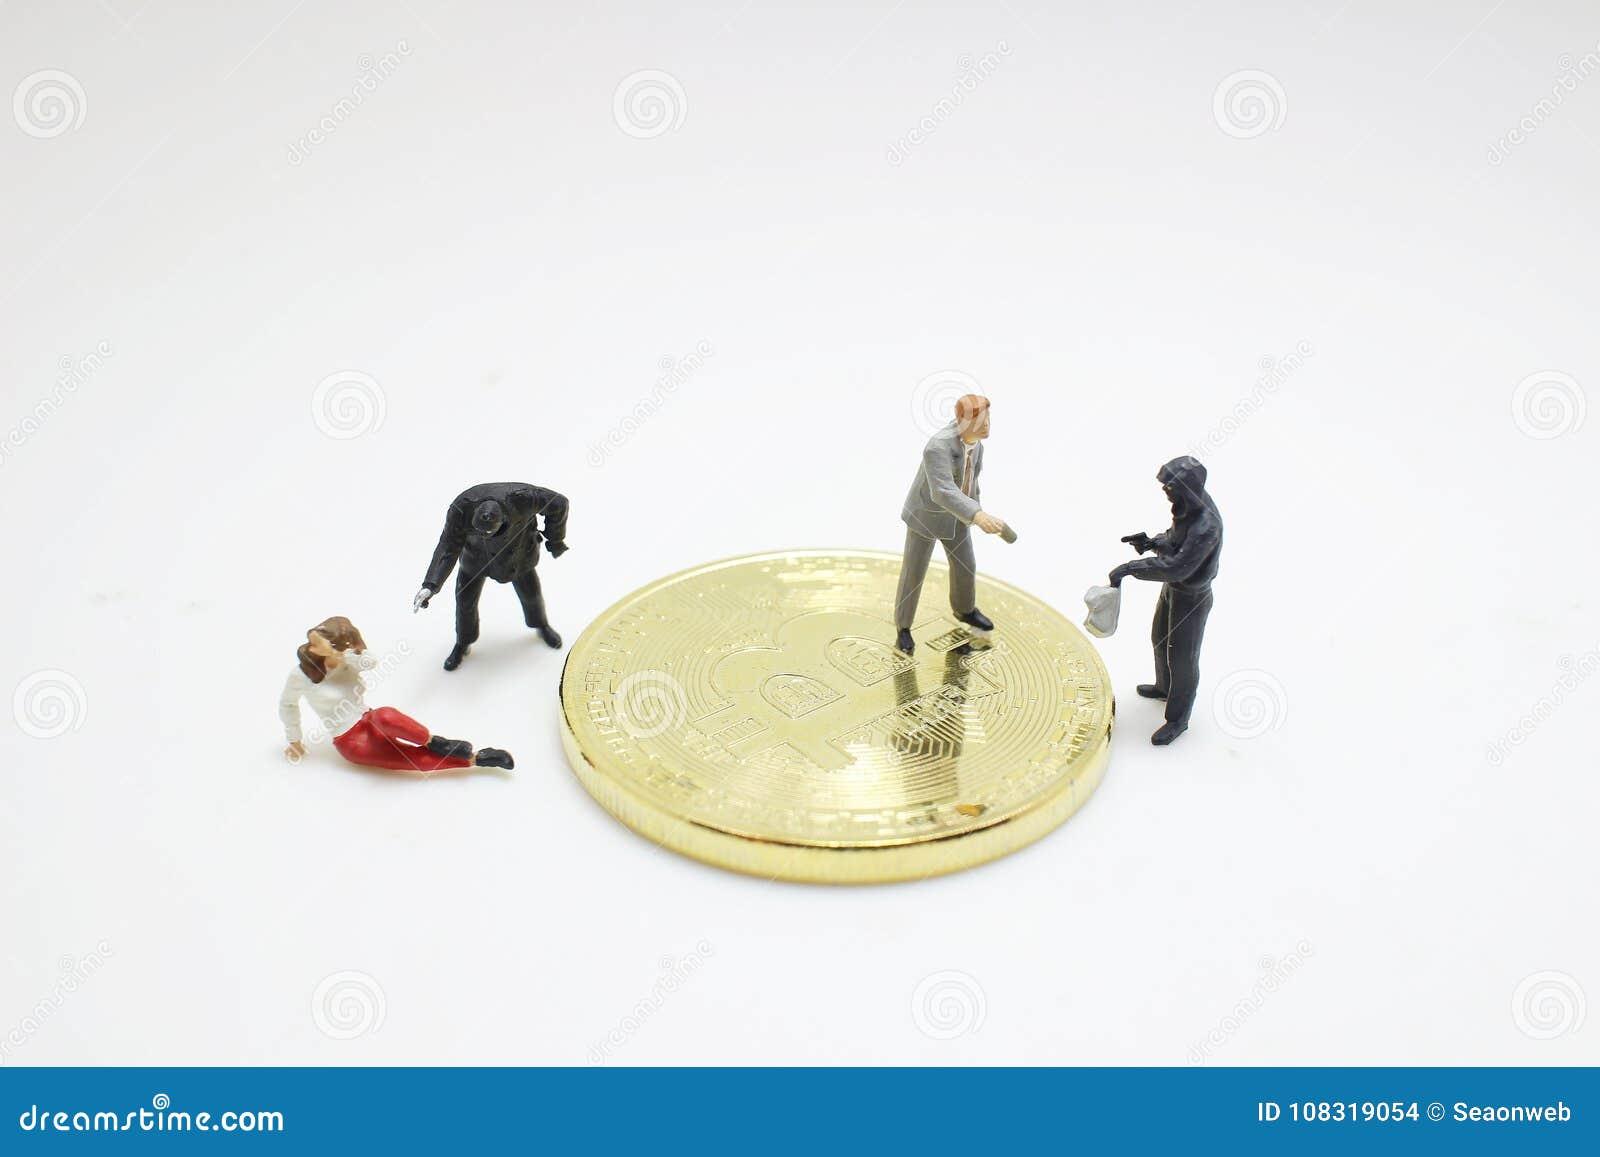 窃取bitcoins的窃贼黑客形象